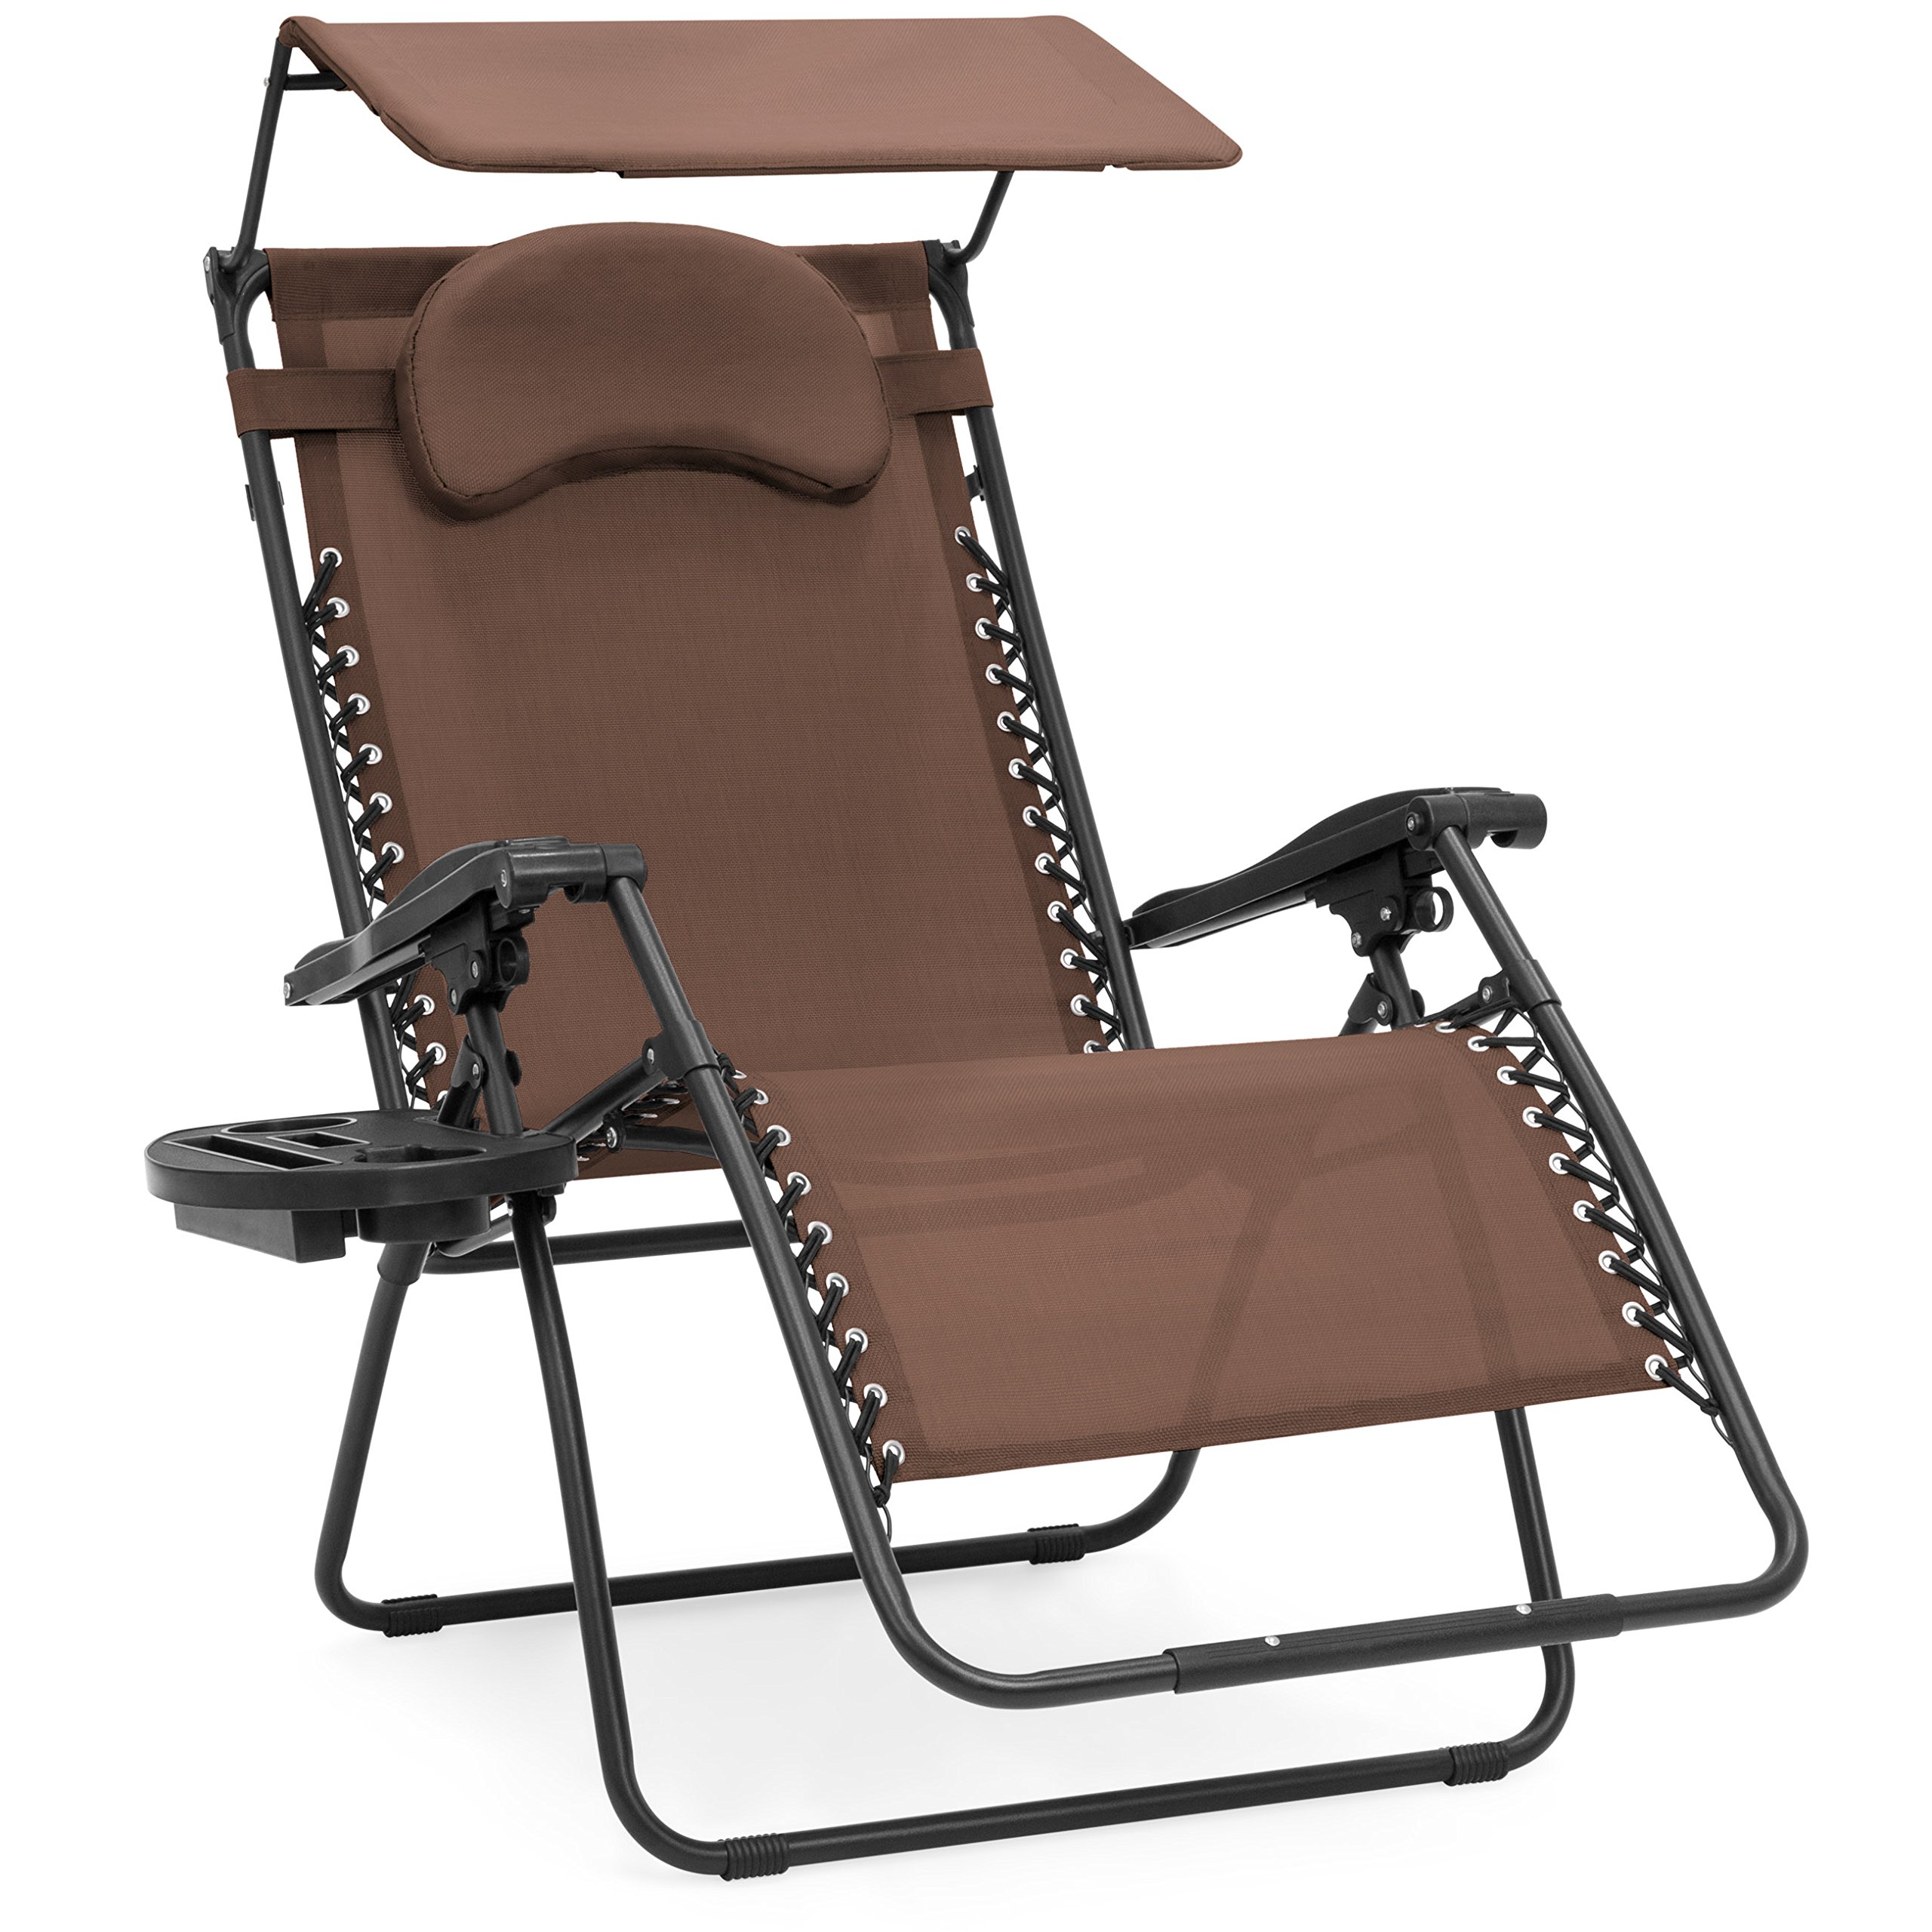 Caravan Sports Infinity Oversized Zero Gravity Chair, Beige